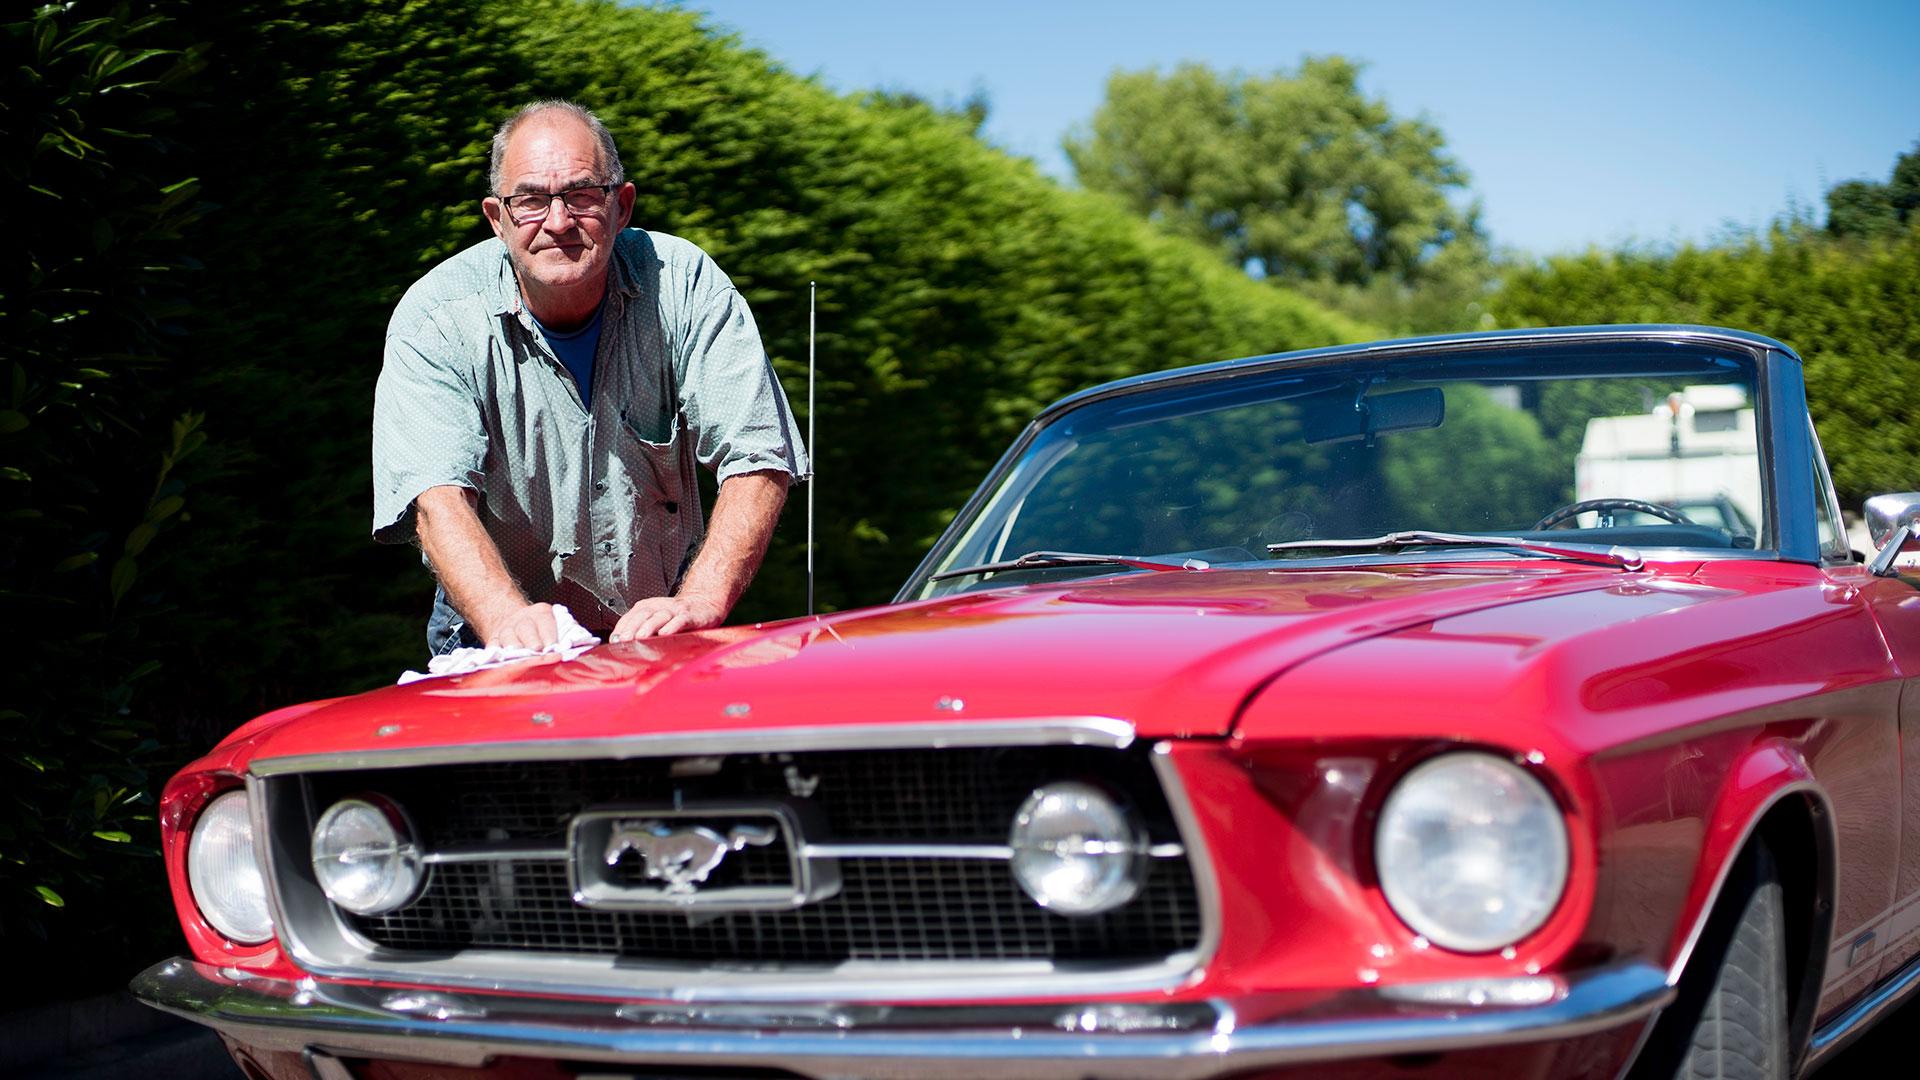 Arie Spaansen blijft bij rode autos met veel paardekrachten